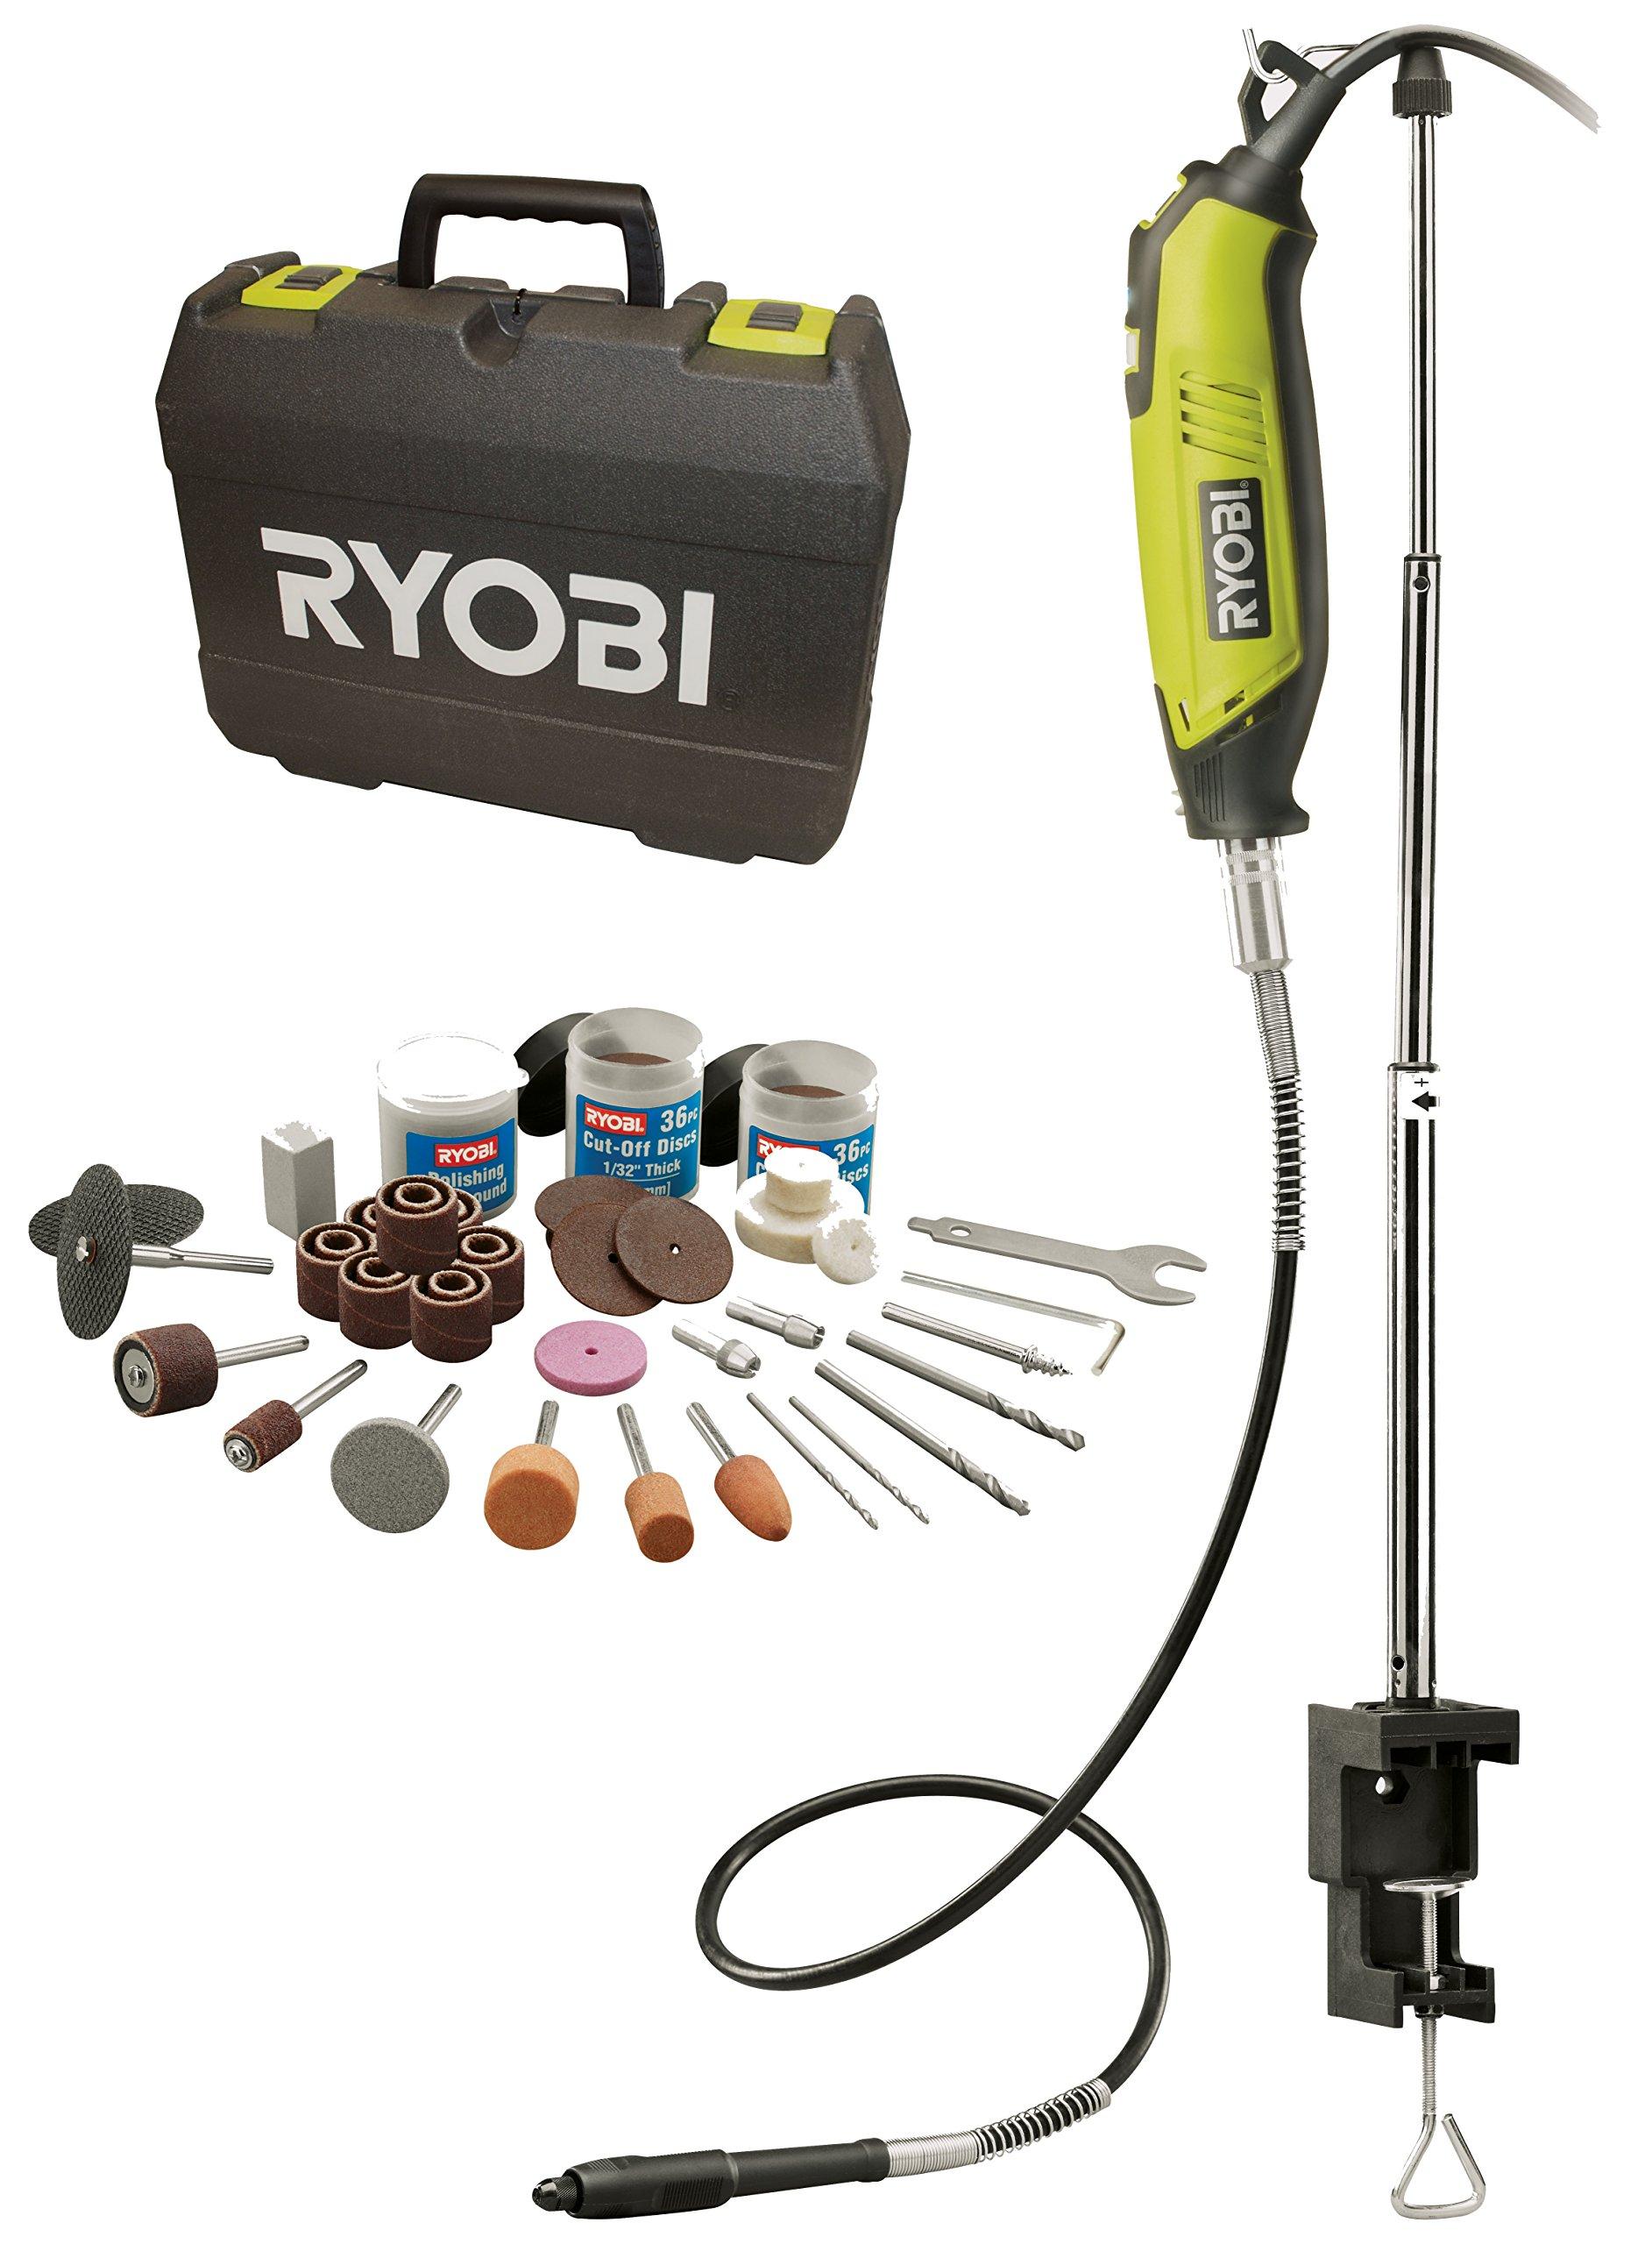 Ryobi-5133000754-Rotationswerkzeug-inkl-115-tlg-Zubehr-Typ-EHT150V-230-V